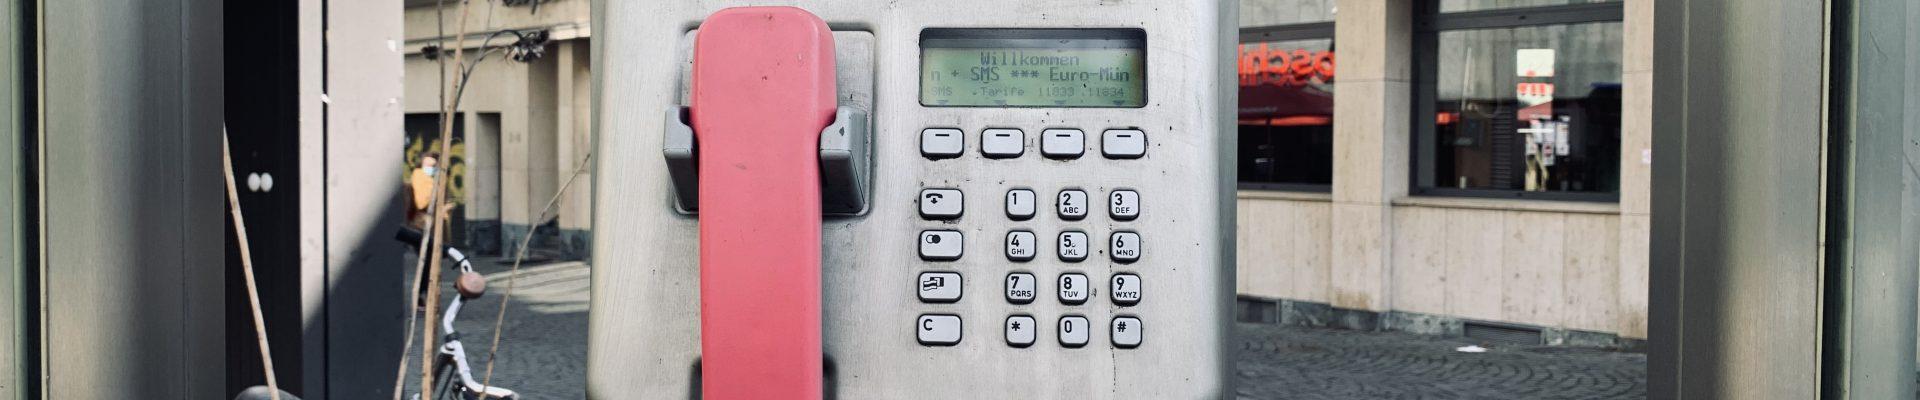 Telefonzelle als Symbolbild für Kontakt